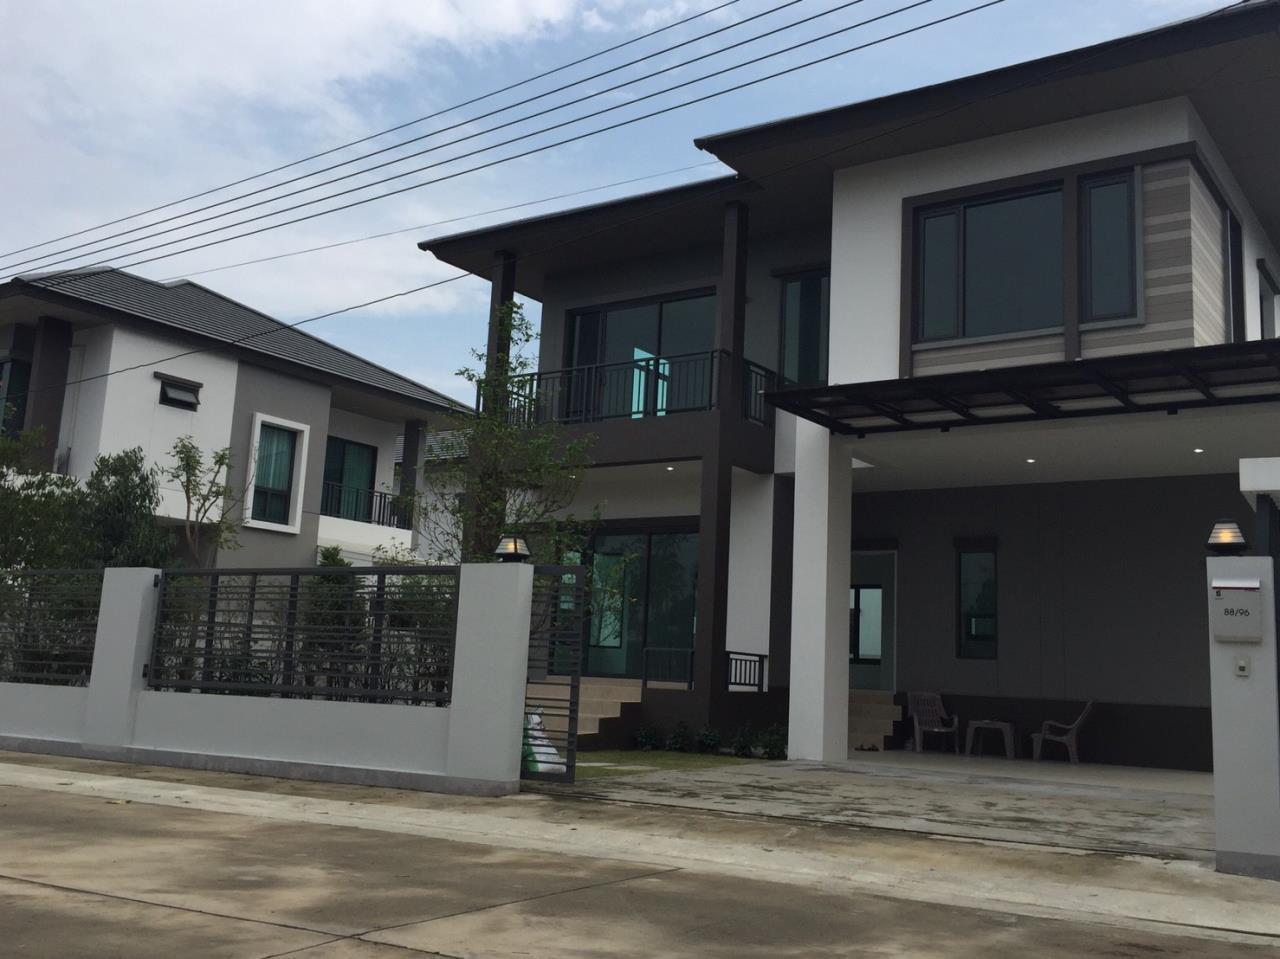 ขาย บ้าน แขวงศาลาธรรมสพน์ เขตทวีวัฒนา กรุงเทพมหานคร, ภาพที่ 2